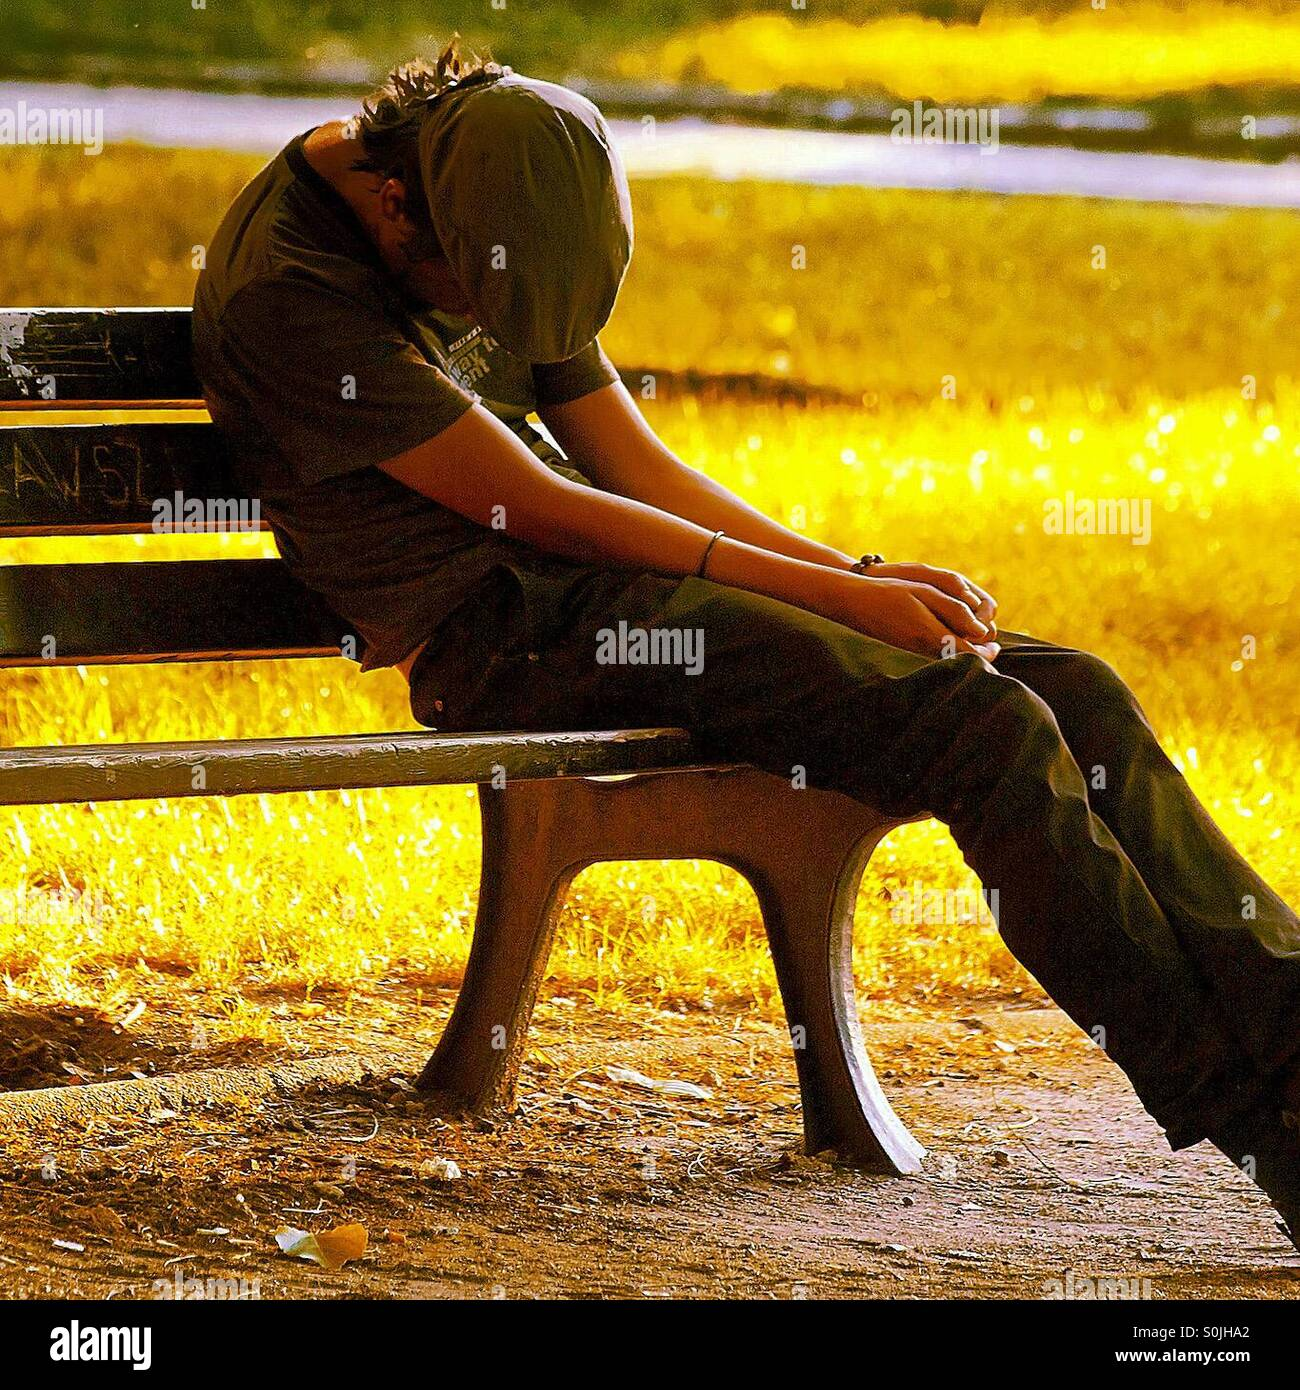 Hombre durmiendo en un banco Imagen De Stock